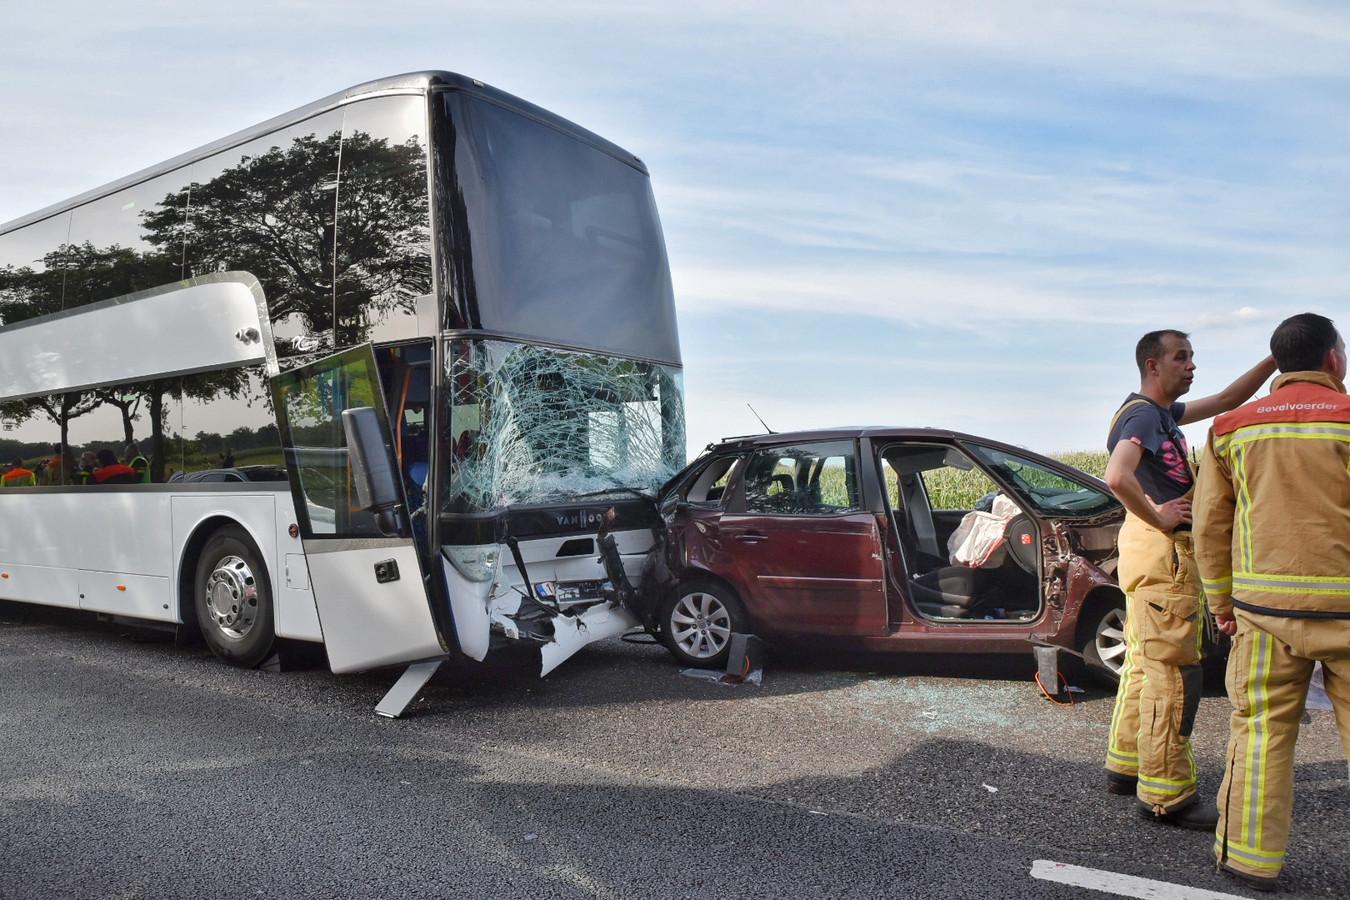 De bus botste op de A58 tegen een auto aan.